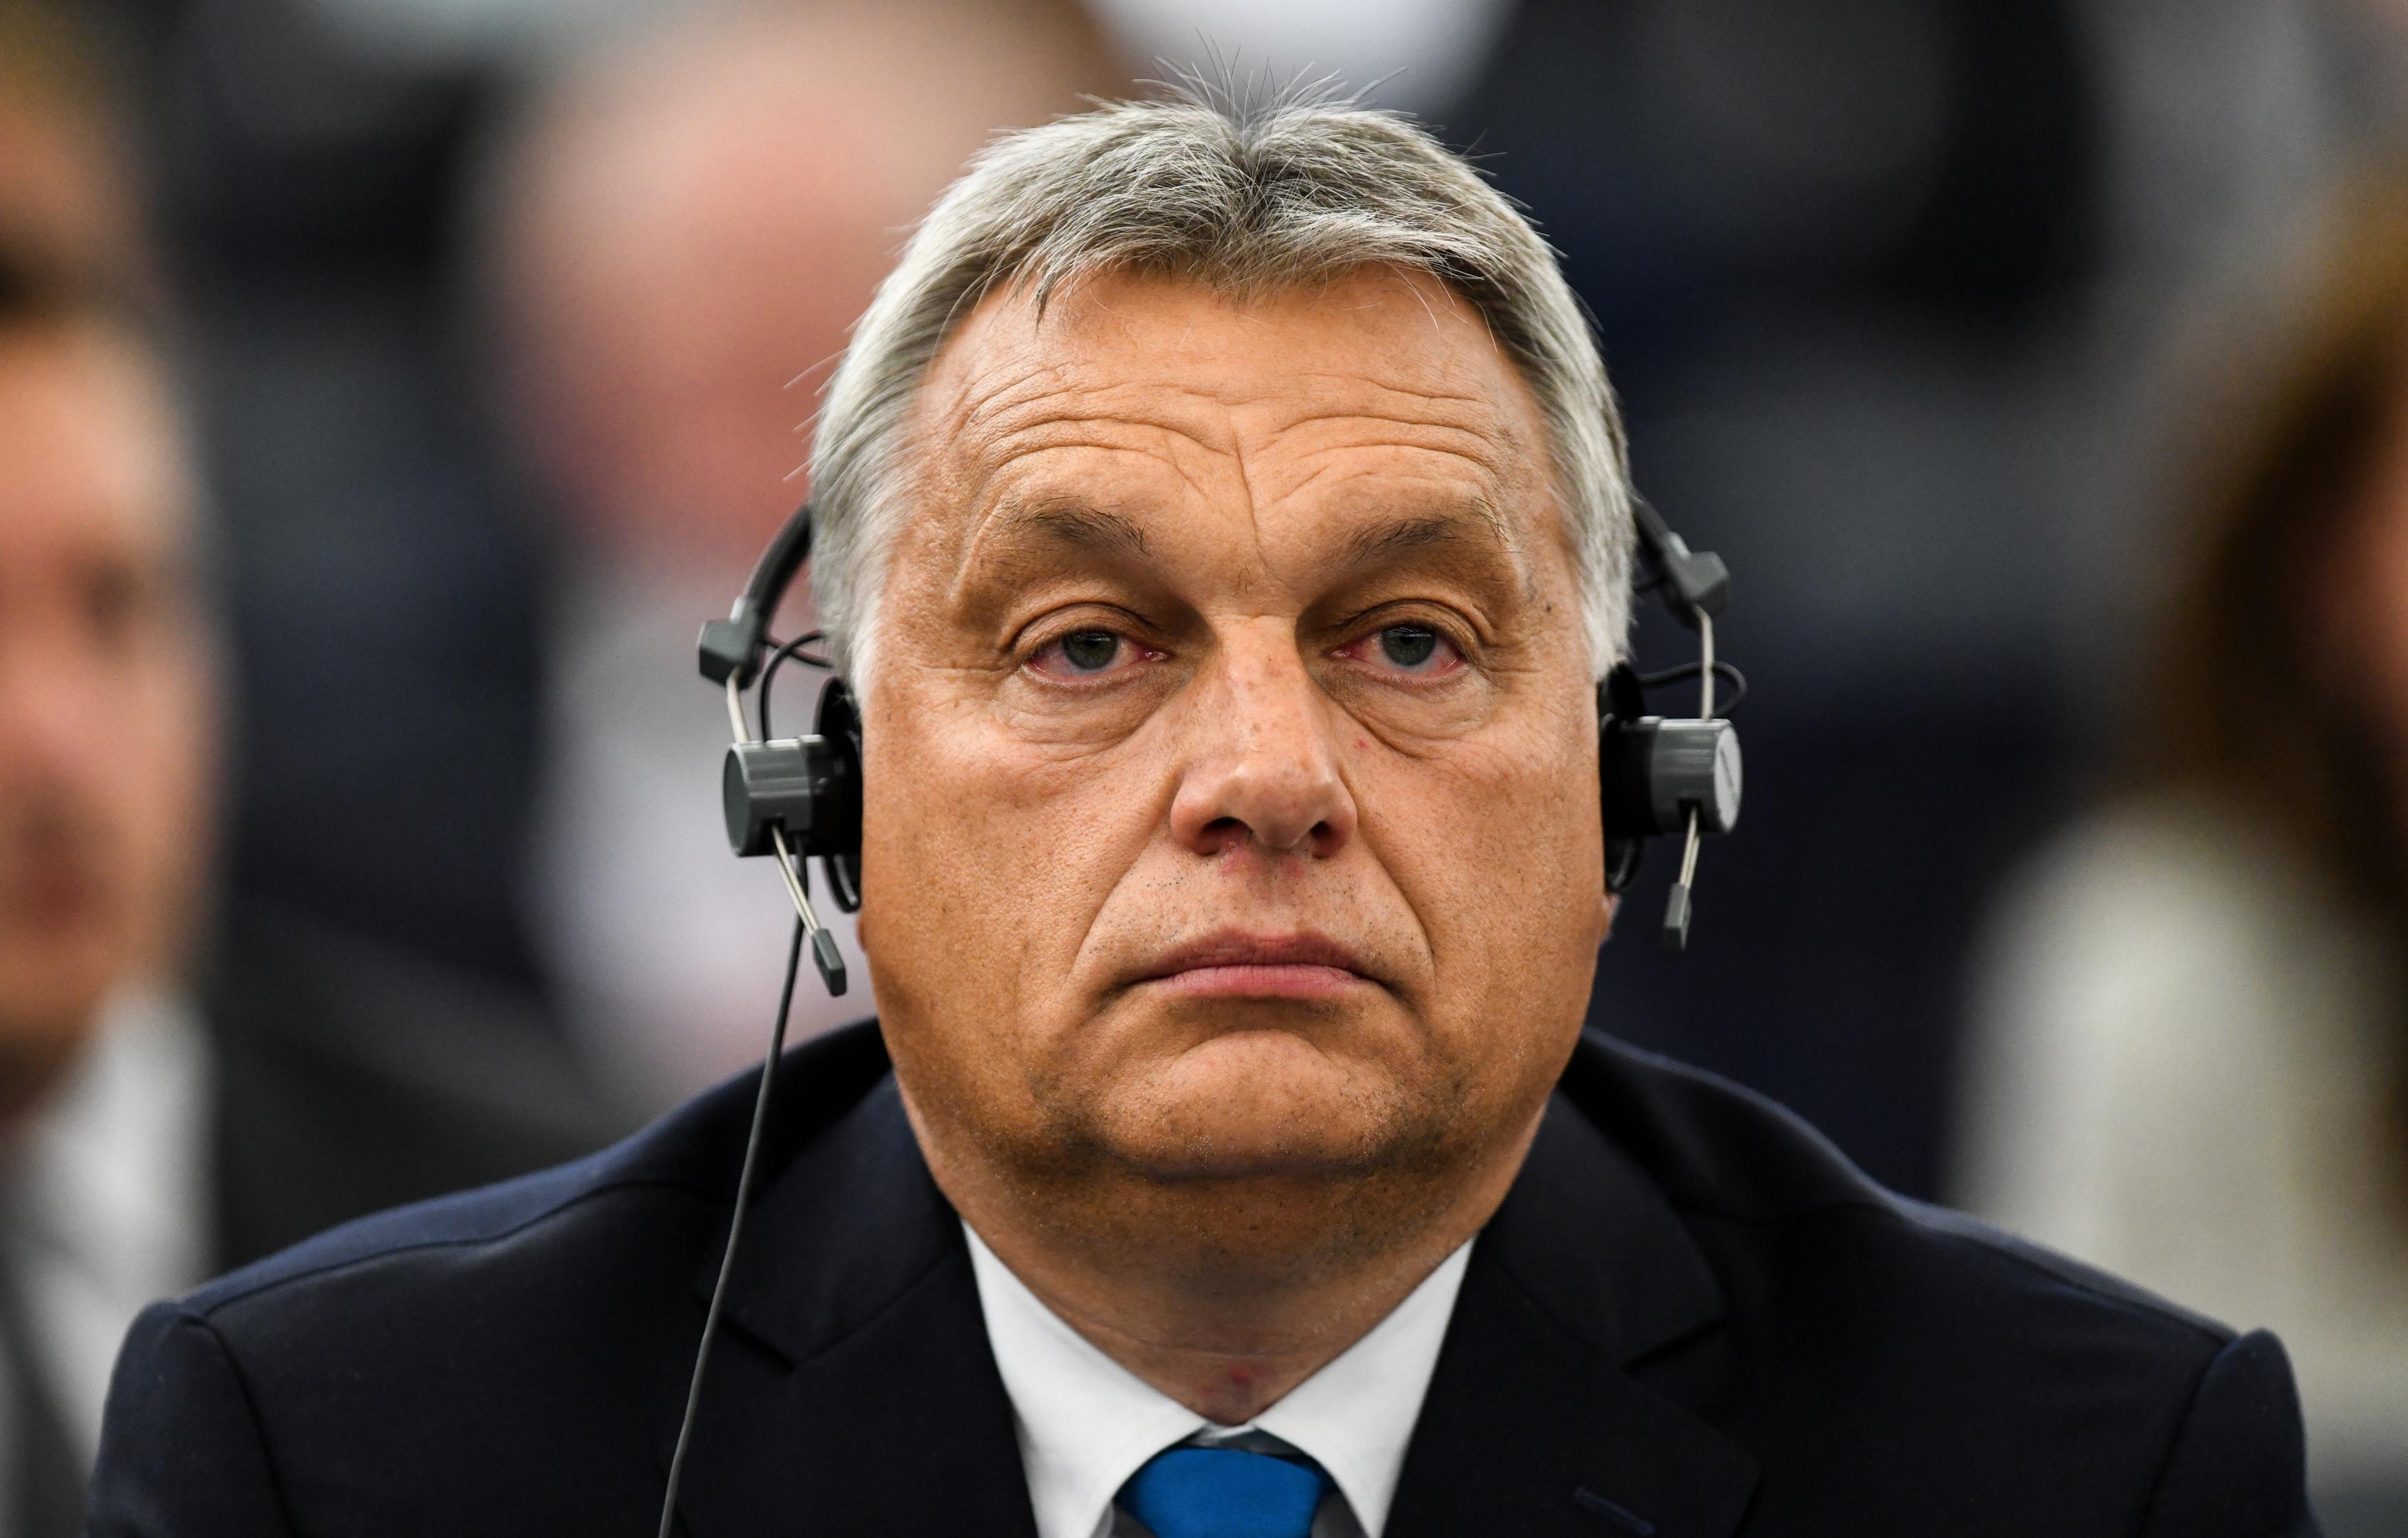 Orban najavio novi porast protuimigrantskih osjećaja